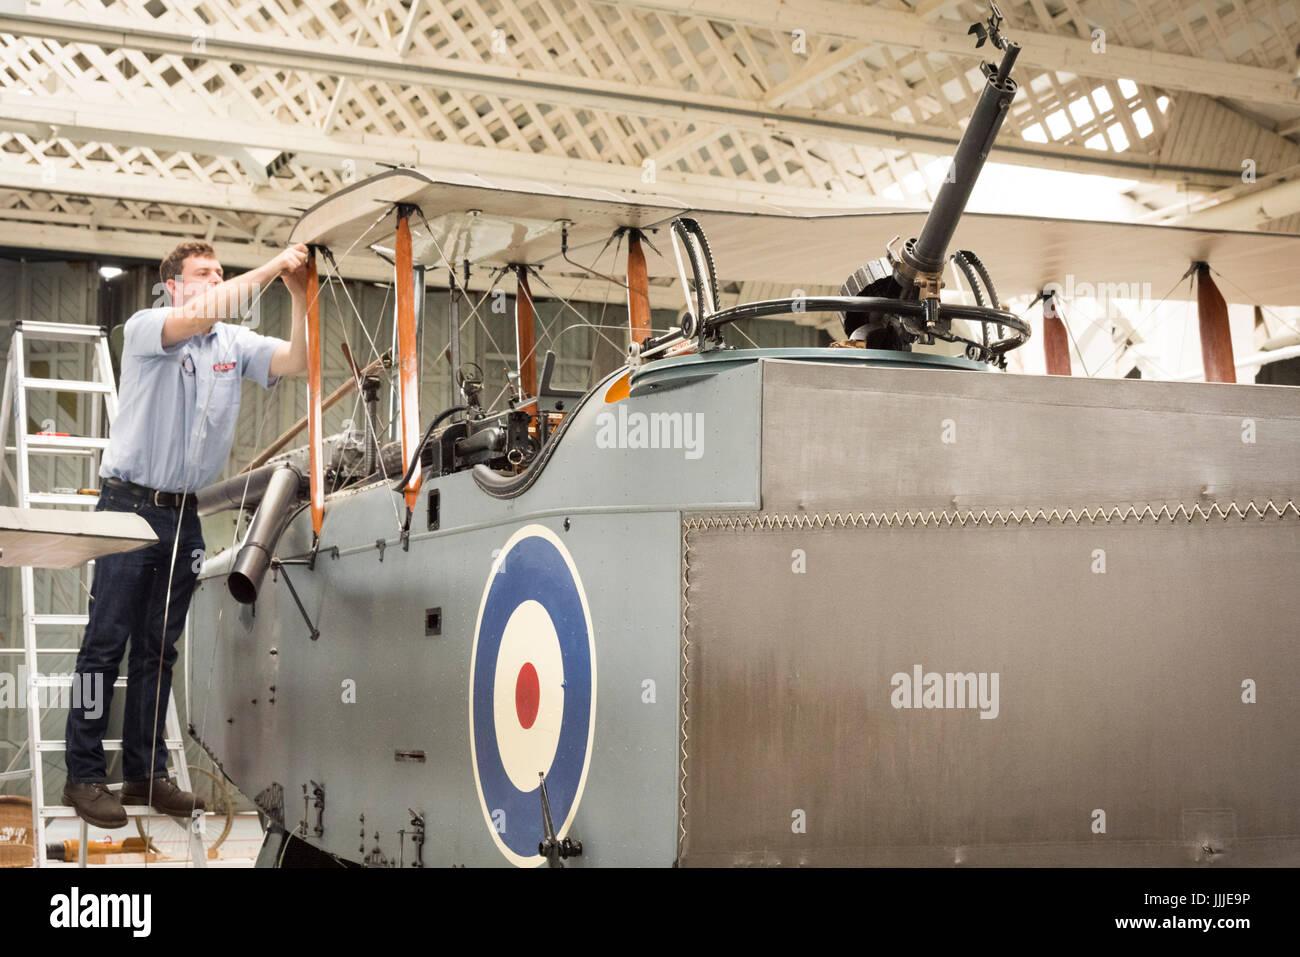 Duxford Cambridgeshire, Reino Unido. Julio 20, 2017. George Taylor, un ingeniero trabaja en una rara Primera Guerra Mundial, De Havilland DH9 un avión bombardero que ha sido completamente restaurada y ahora está siendo montada para la visualización y el vuelo en el Museo Imperial de la guerra. El avión es de 100 años de antigüedad, se monta en un colgador de la WW1 en el centenario del Museo Imperial de la guerra. El avión es el único en el Reino Unido y ha sido restaurada después de ser encontrado en un elefante estable en el Palacio de Bikaner, Rajasthan, India. Crédito: Julian Eales/Alamy Live News Foto de stock